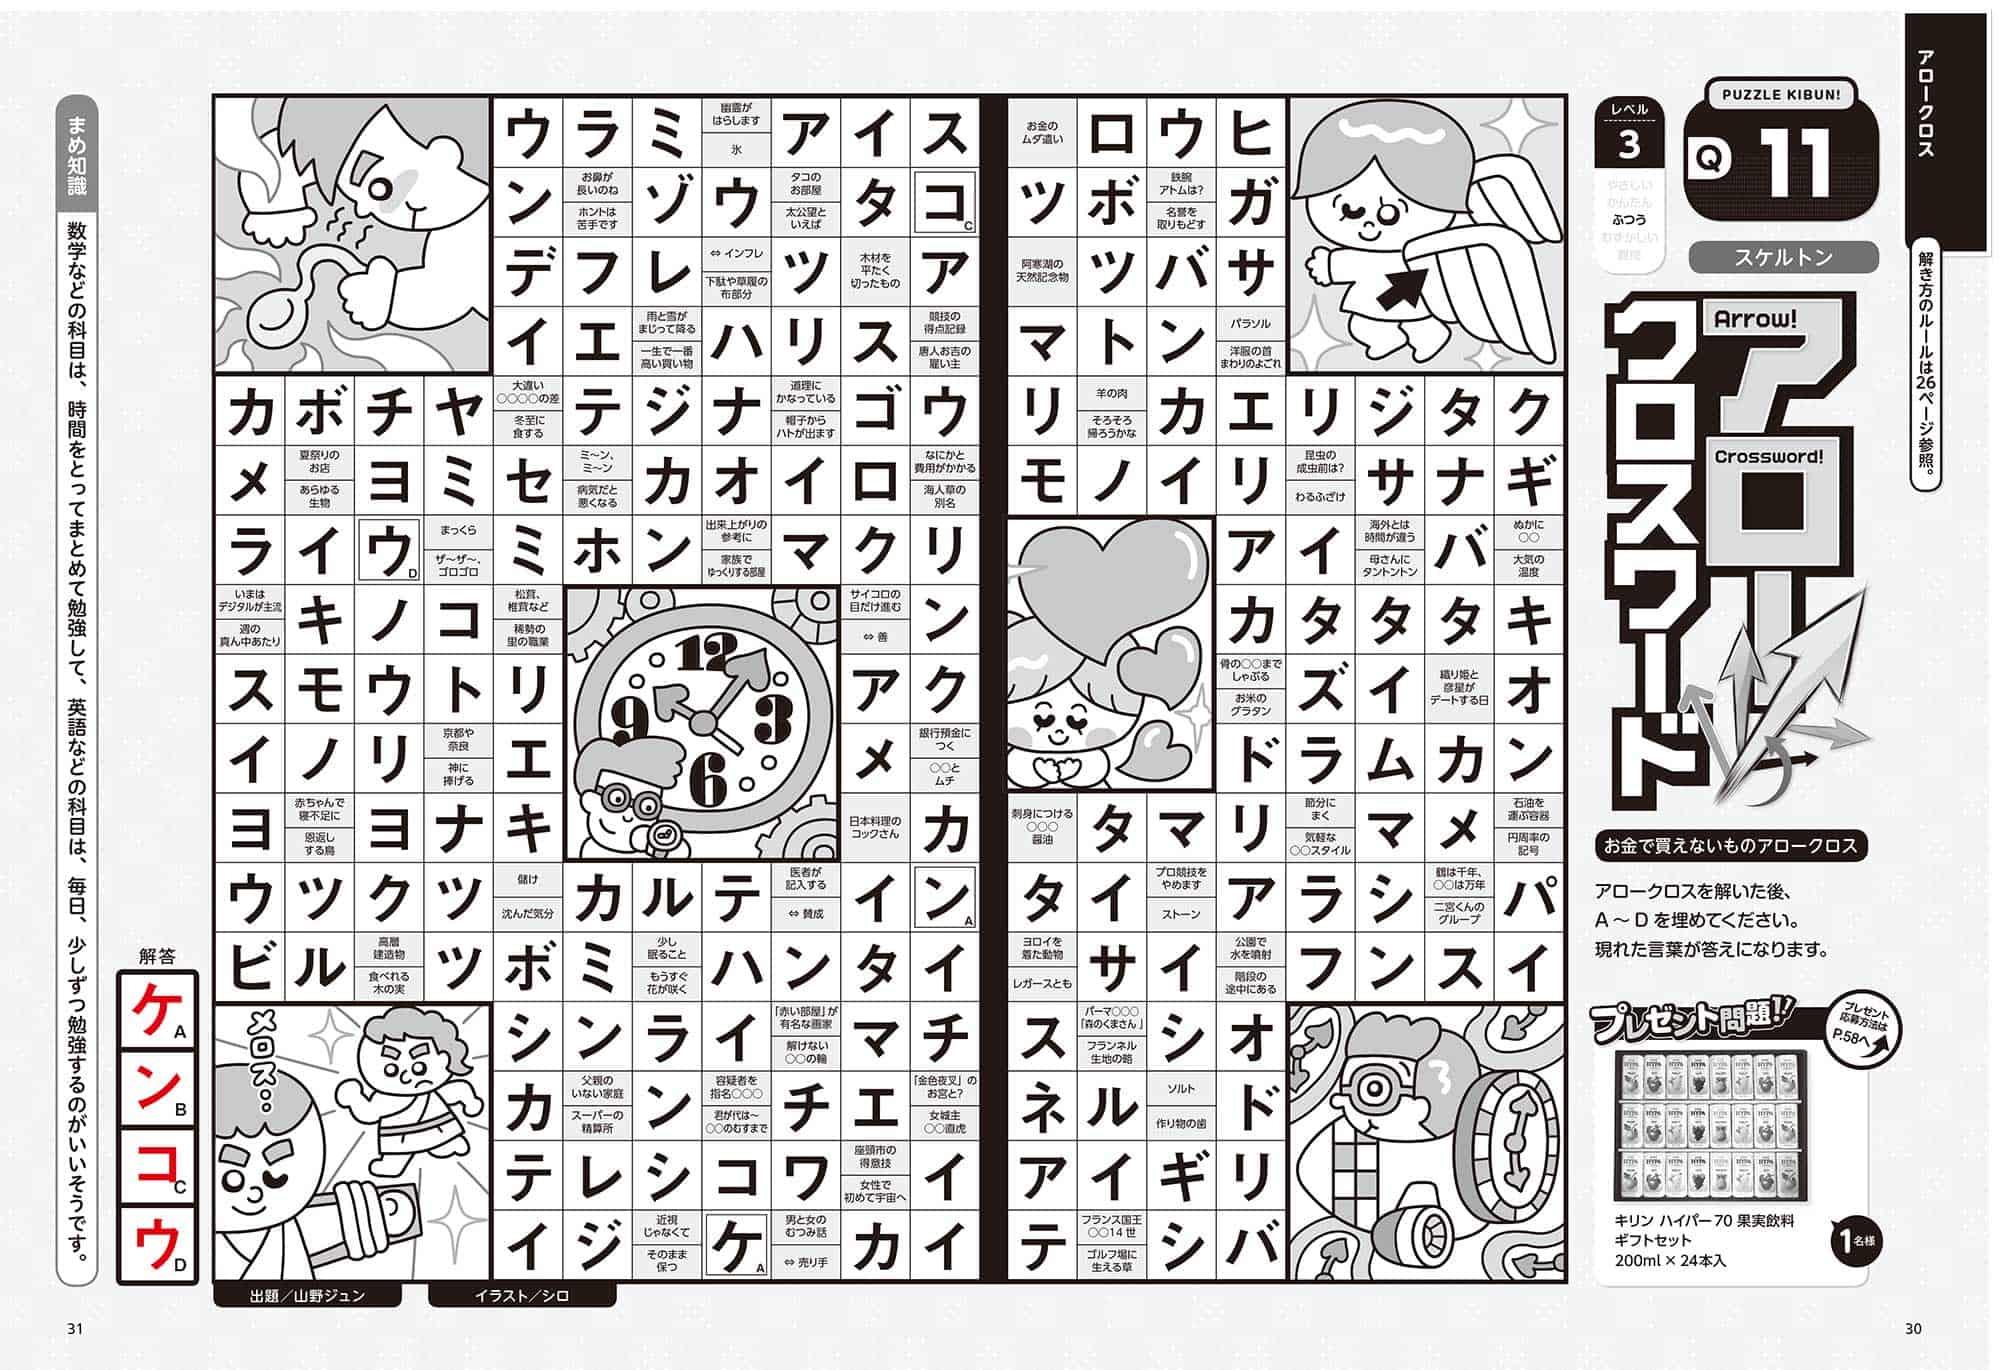 【パズルきぶん】Q11アロークロスワード